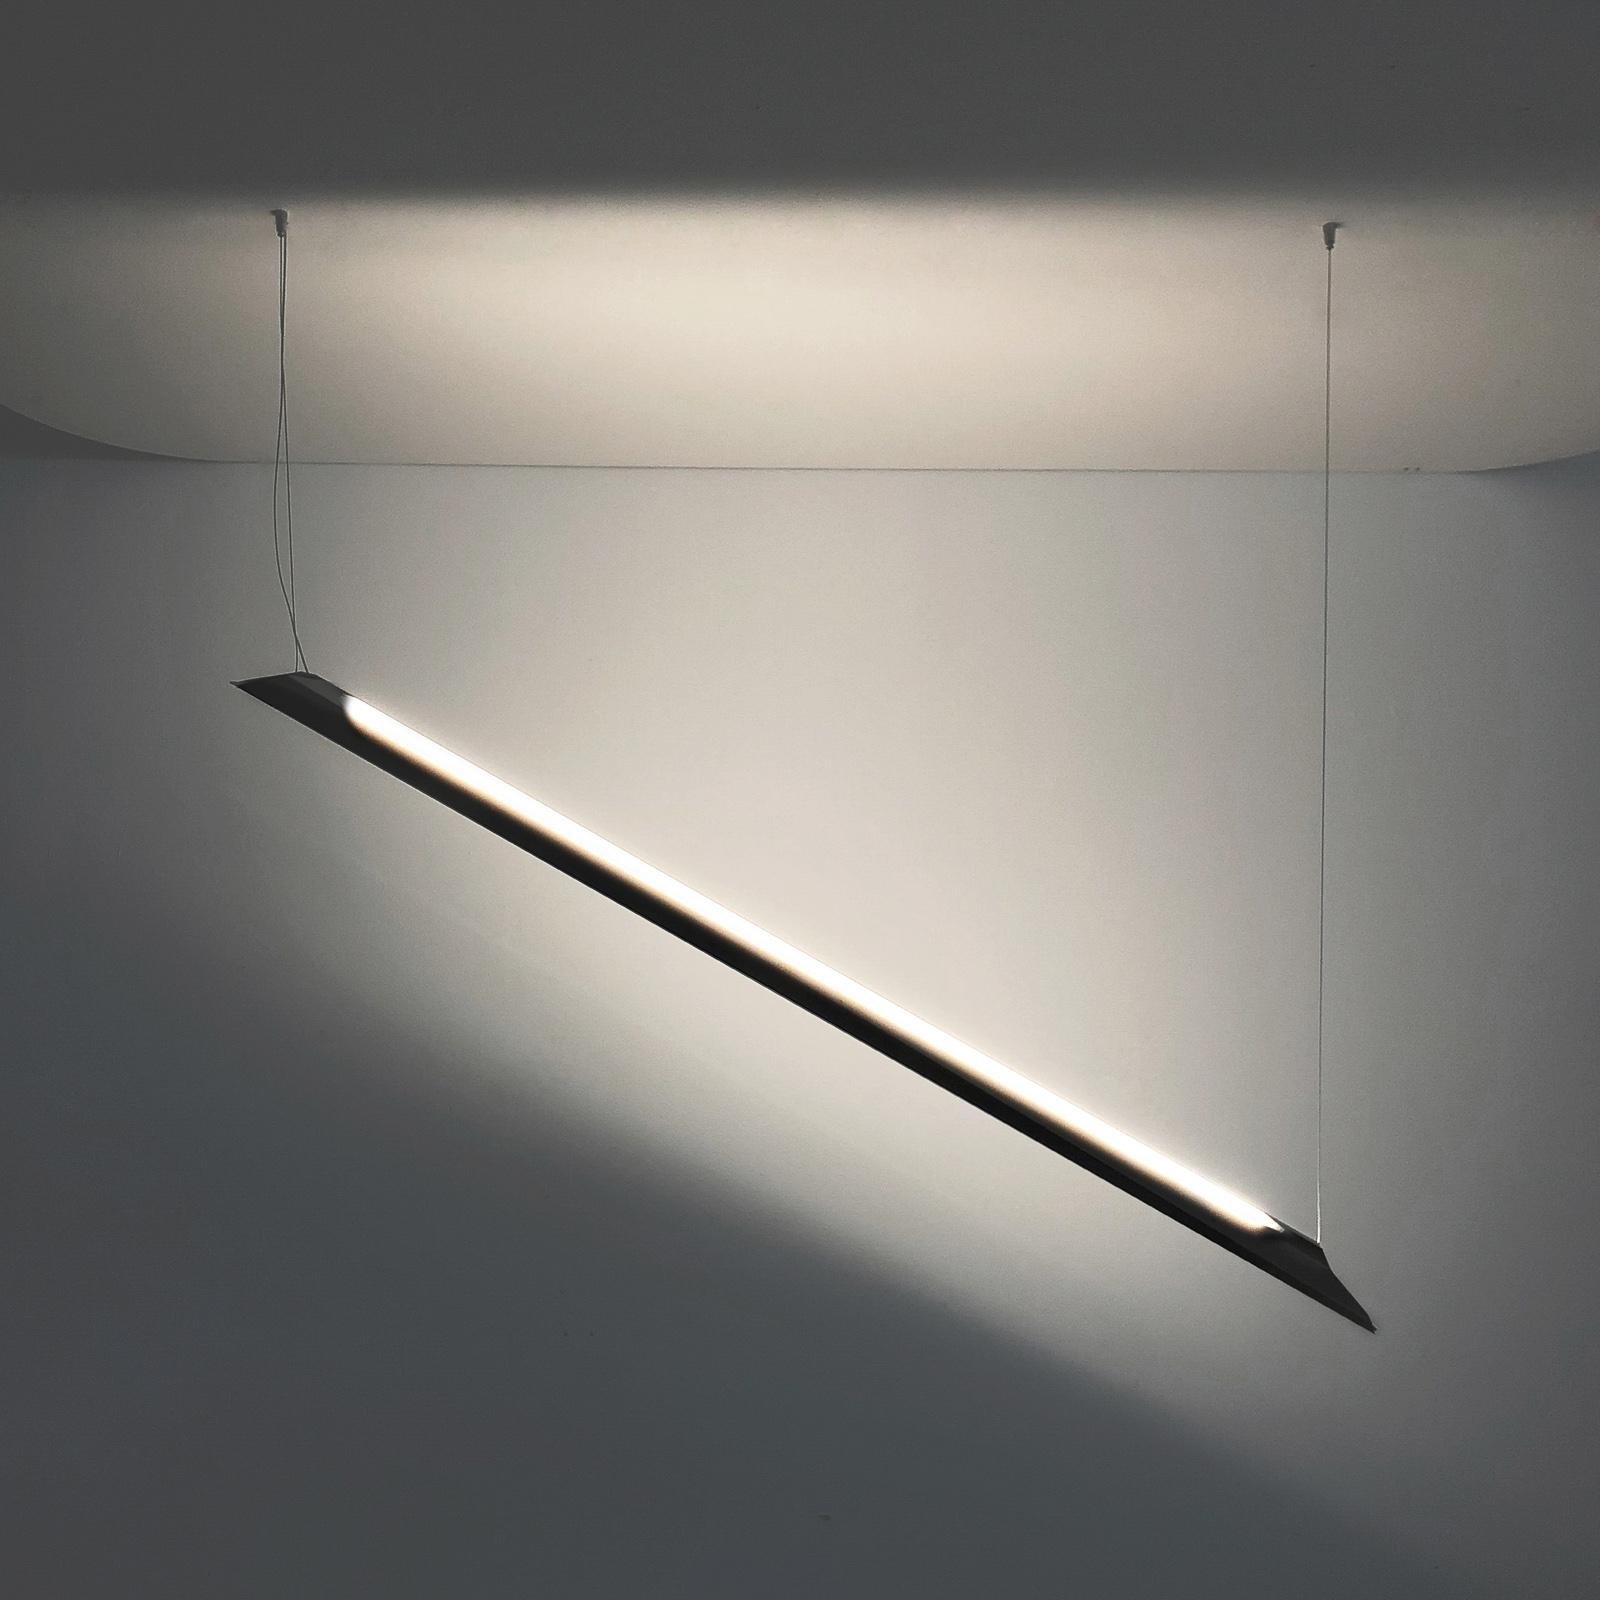 Knikerboker Schegge LED-Hängeleuchte 2-fl. schwarz